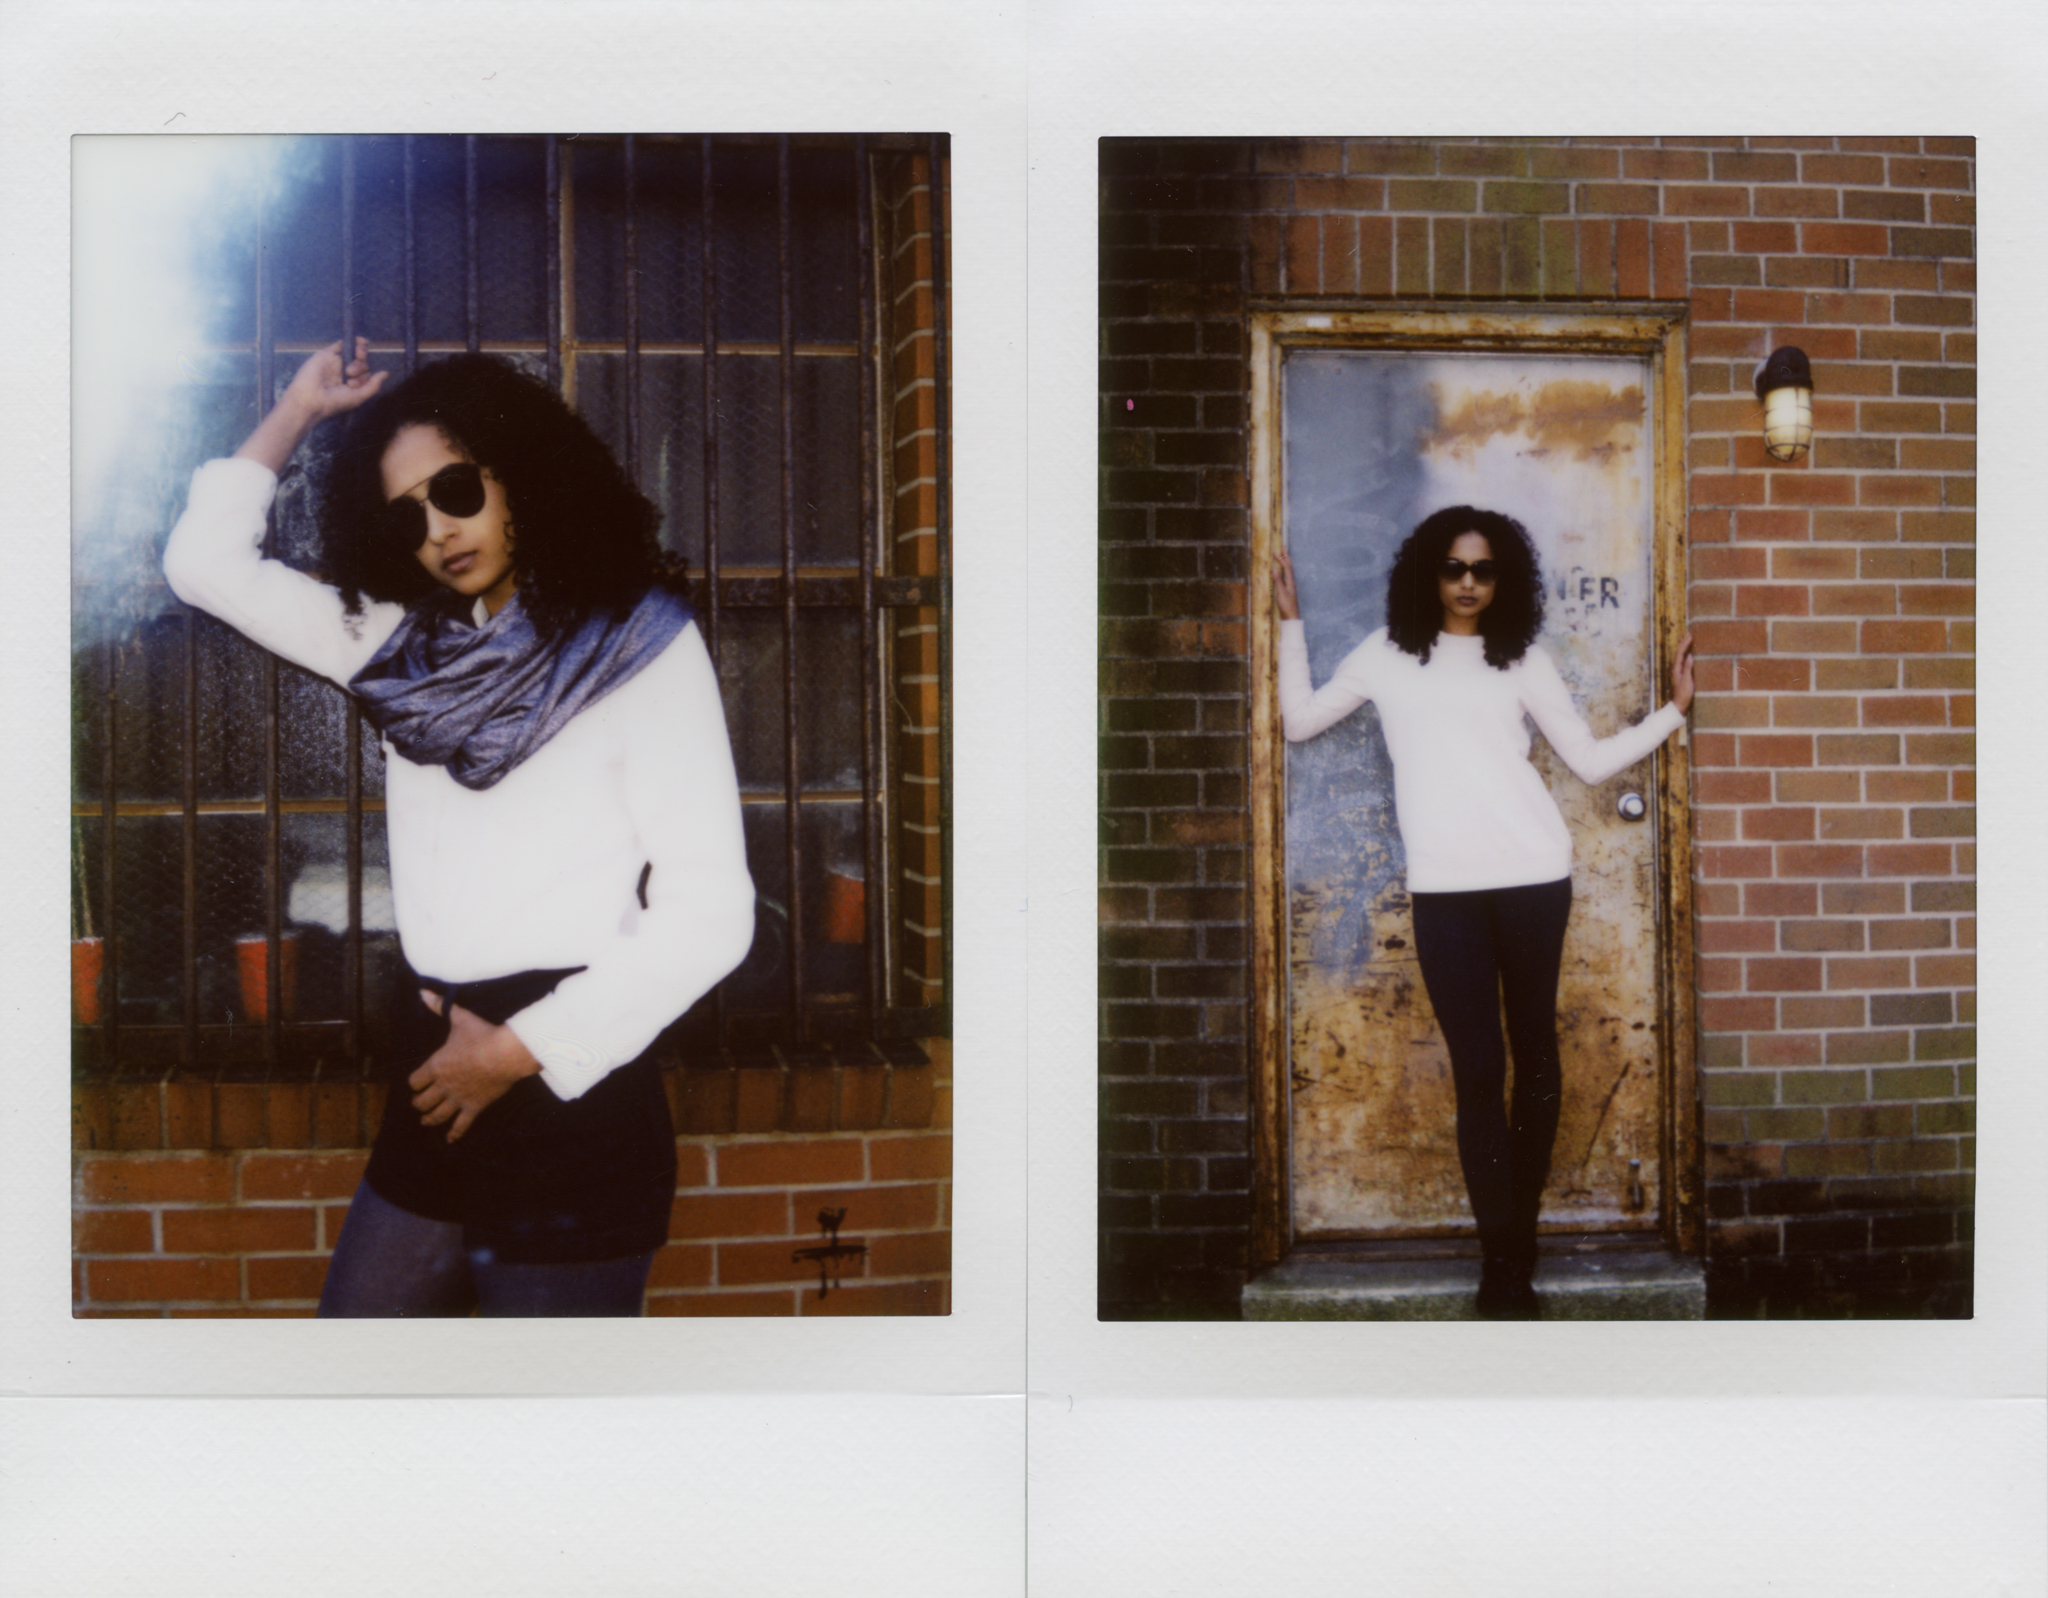 Model: Hannah Roller  Camera: Fujifilm Instax Mini 8  Film:Fujifilm Instax Mini